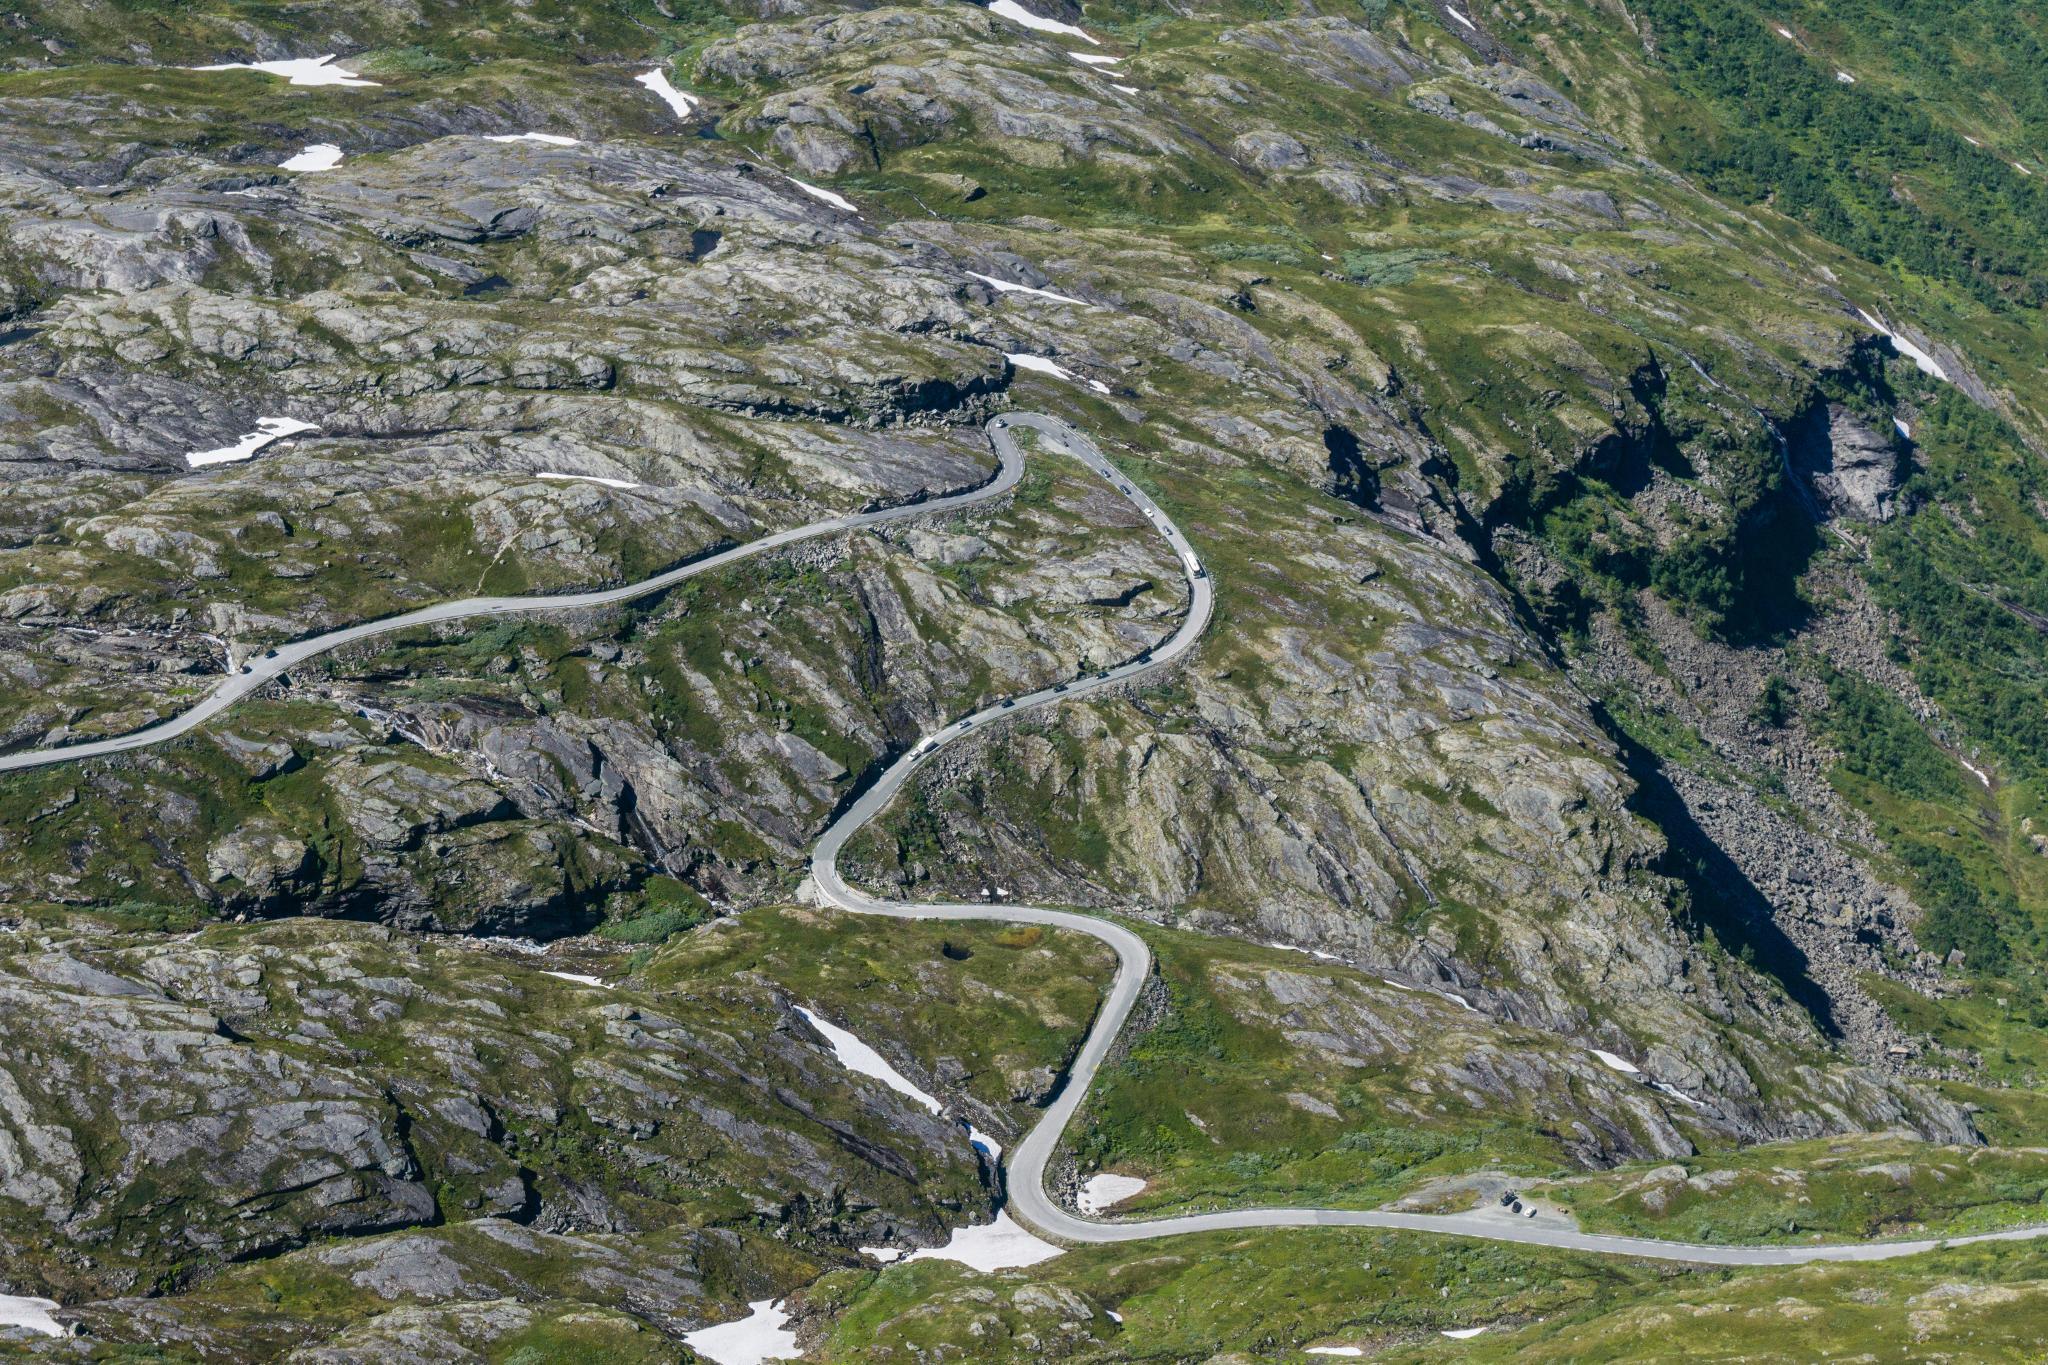 【北歐景點】歐洲最震撼的峽灣觀景台 — Dalsnibba Mountain Plateau 19